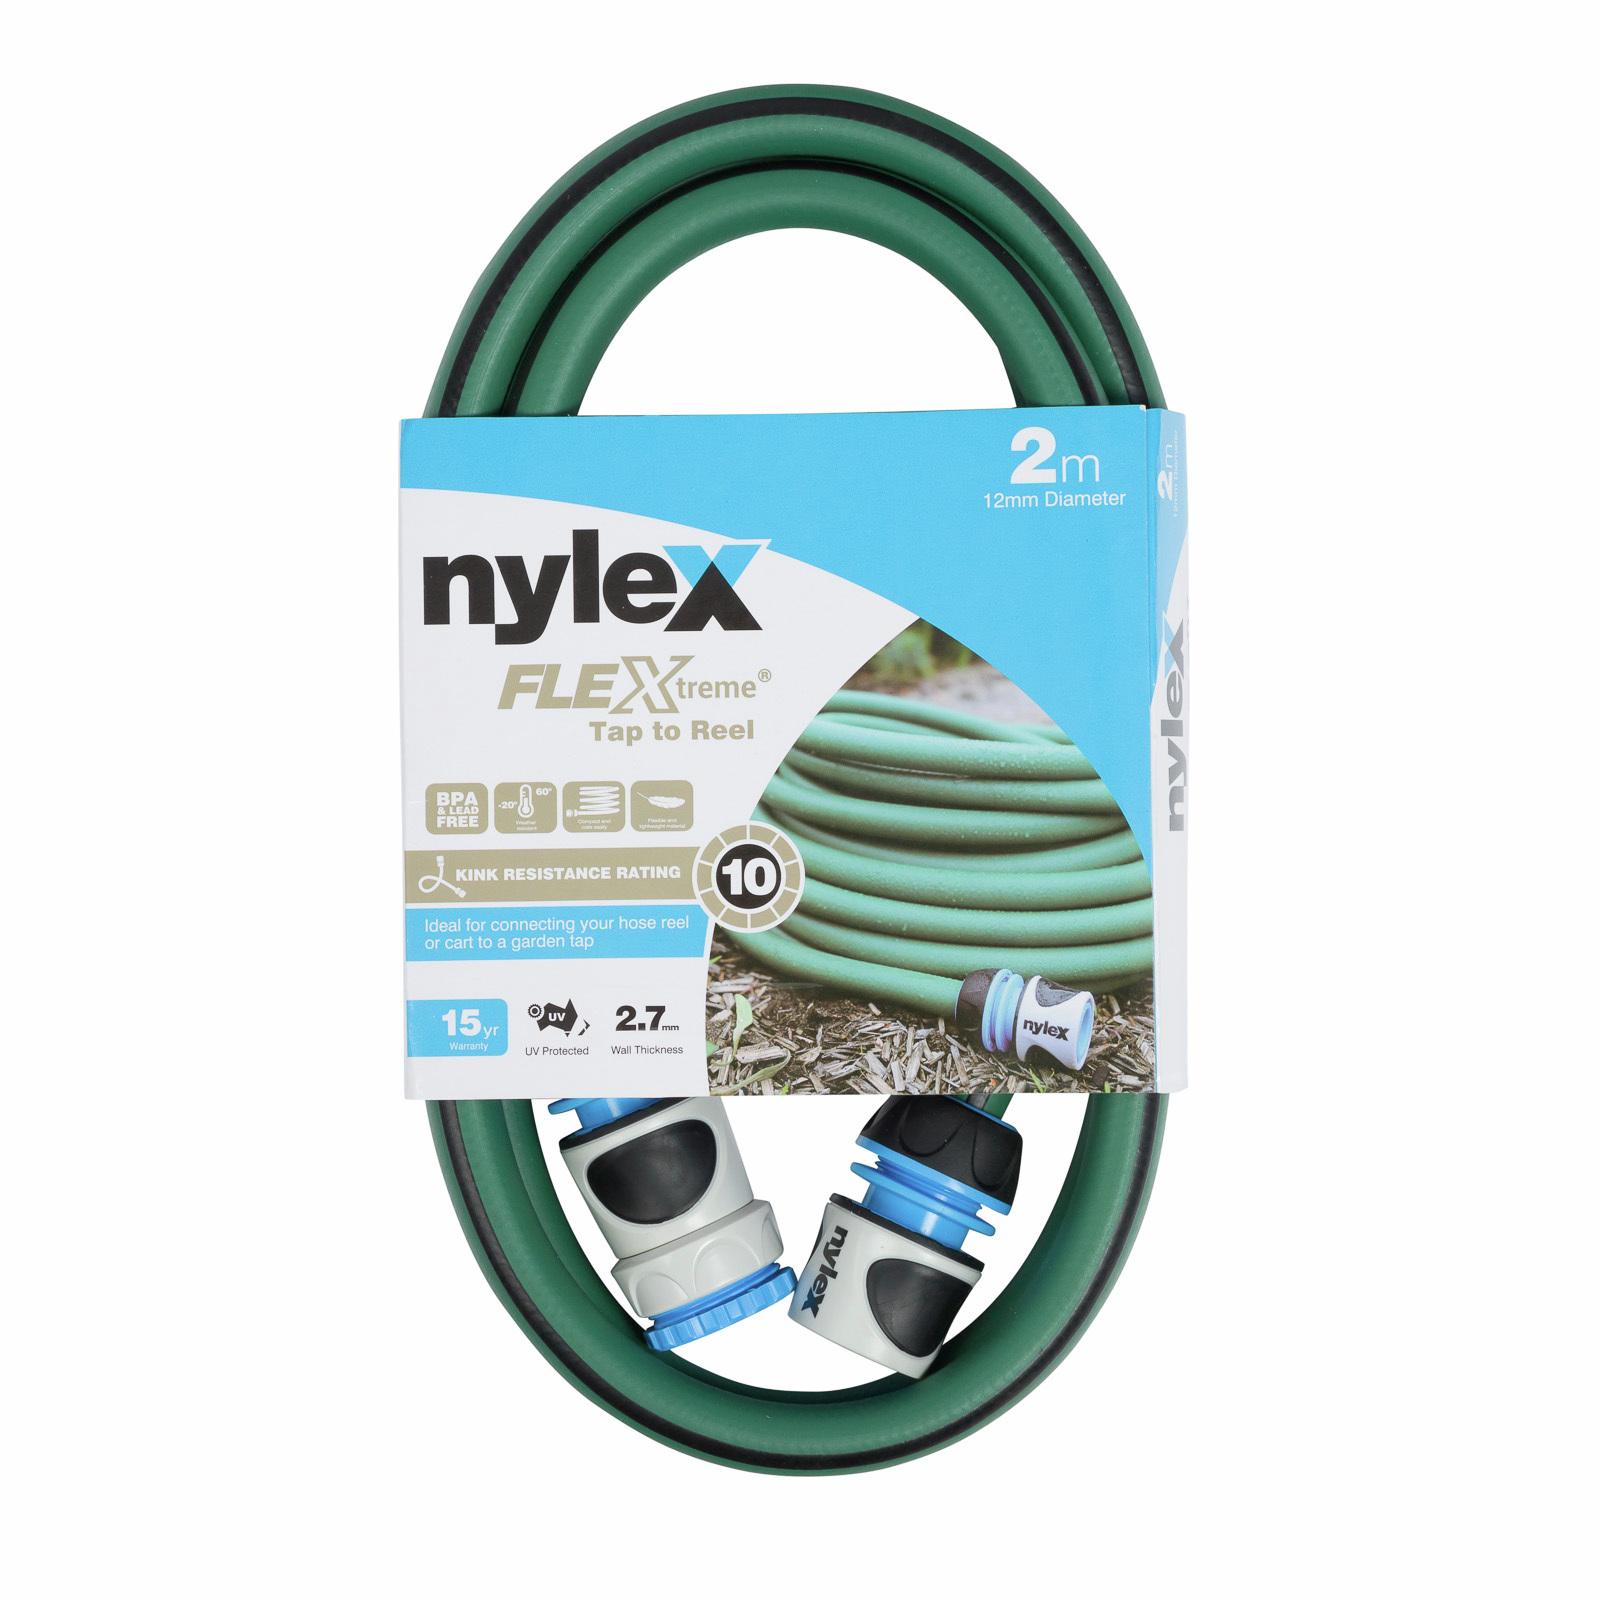 Nylex 2m Tap To Reel Flextreme Garden Hose